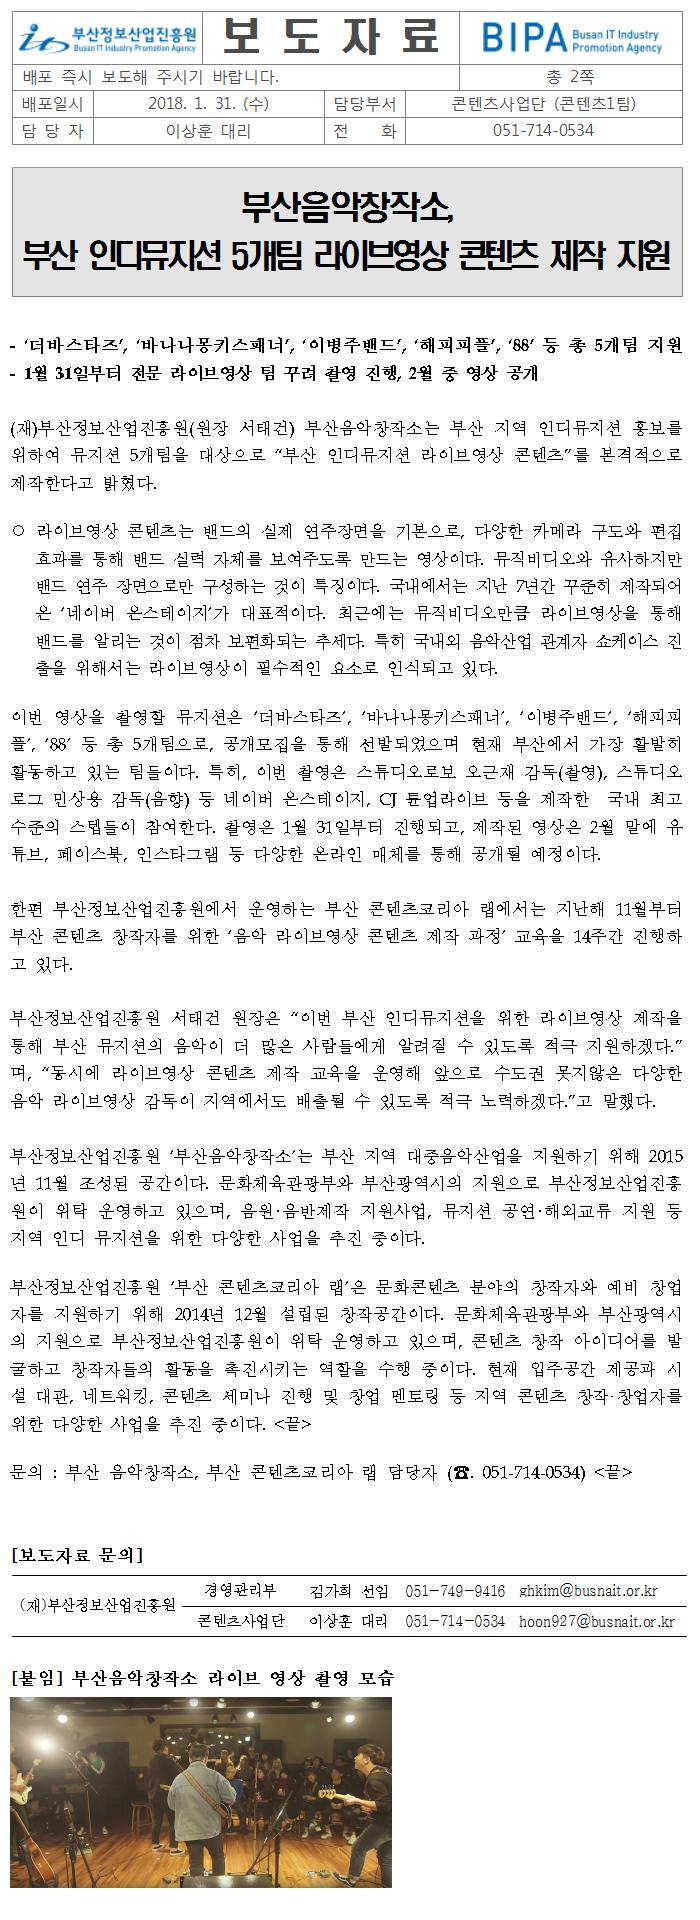 부산음악창작소, 부산 인디뮤지션 5개팀 라이브영상 콘텐츠 제작 지원